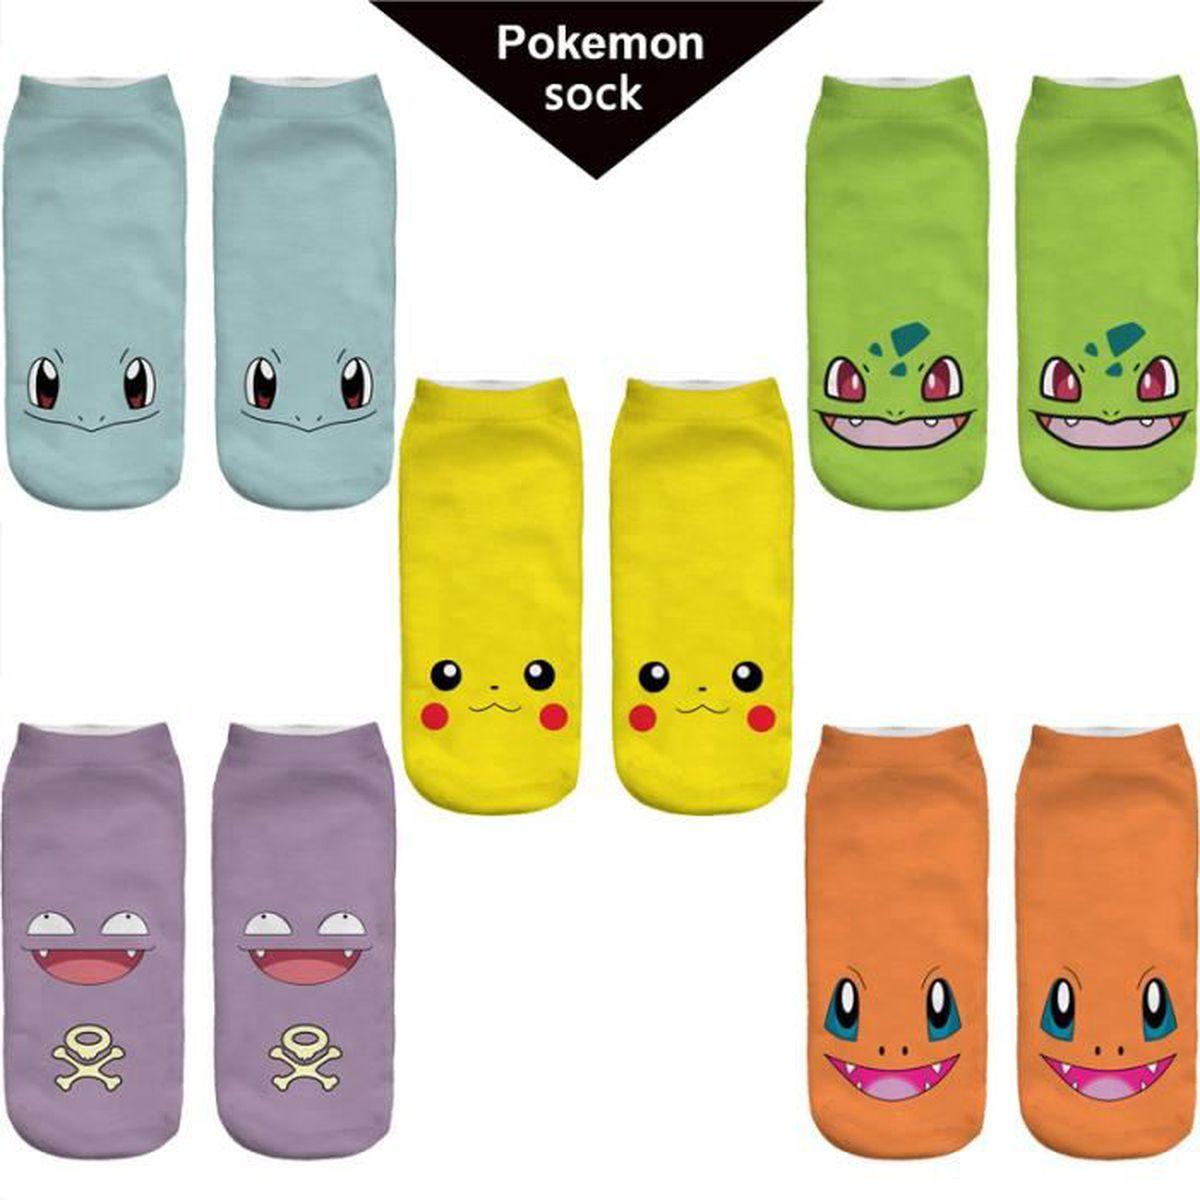 5 paires chaussettes pokemon pikachu charmander squirtle bulbizarre koffing hommes femmes chaussette de cheville respirantes